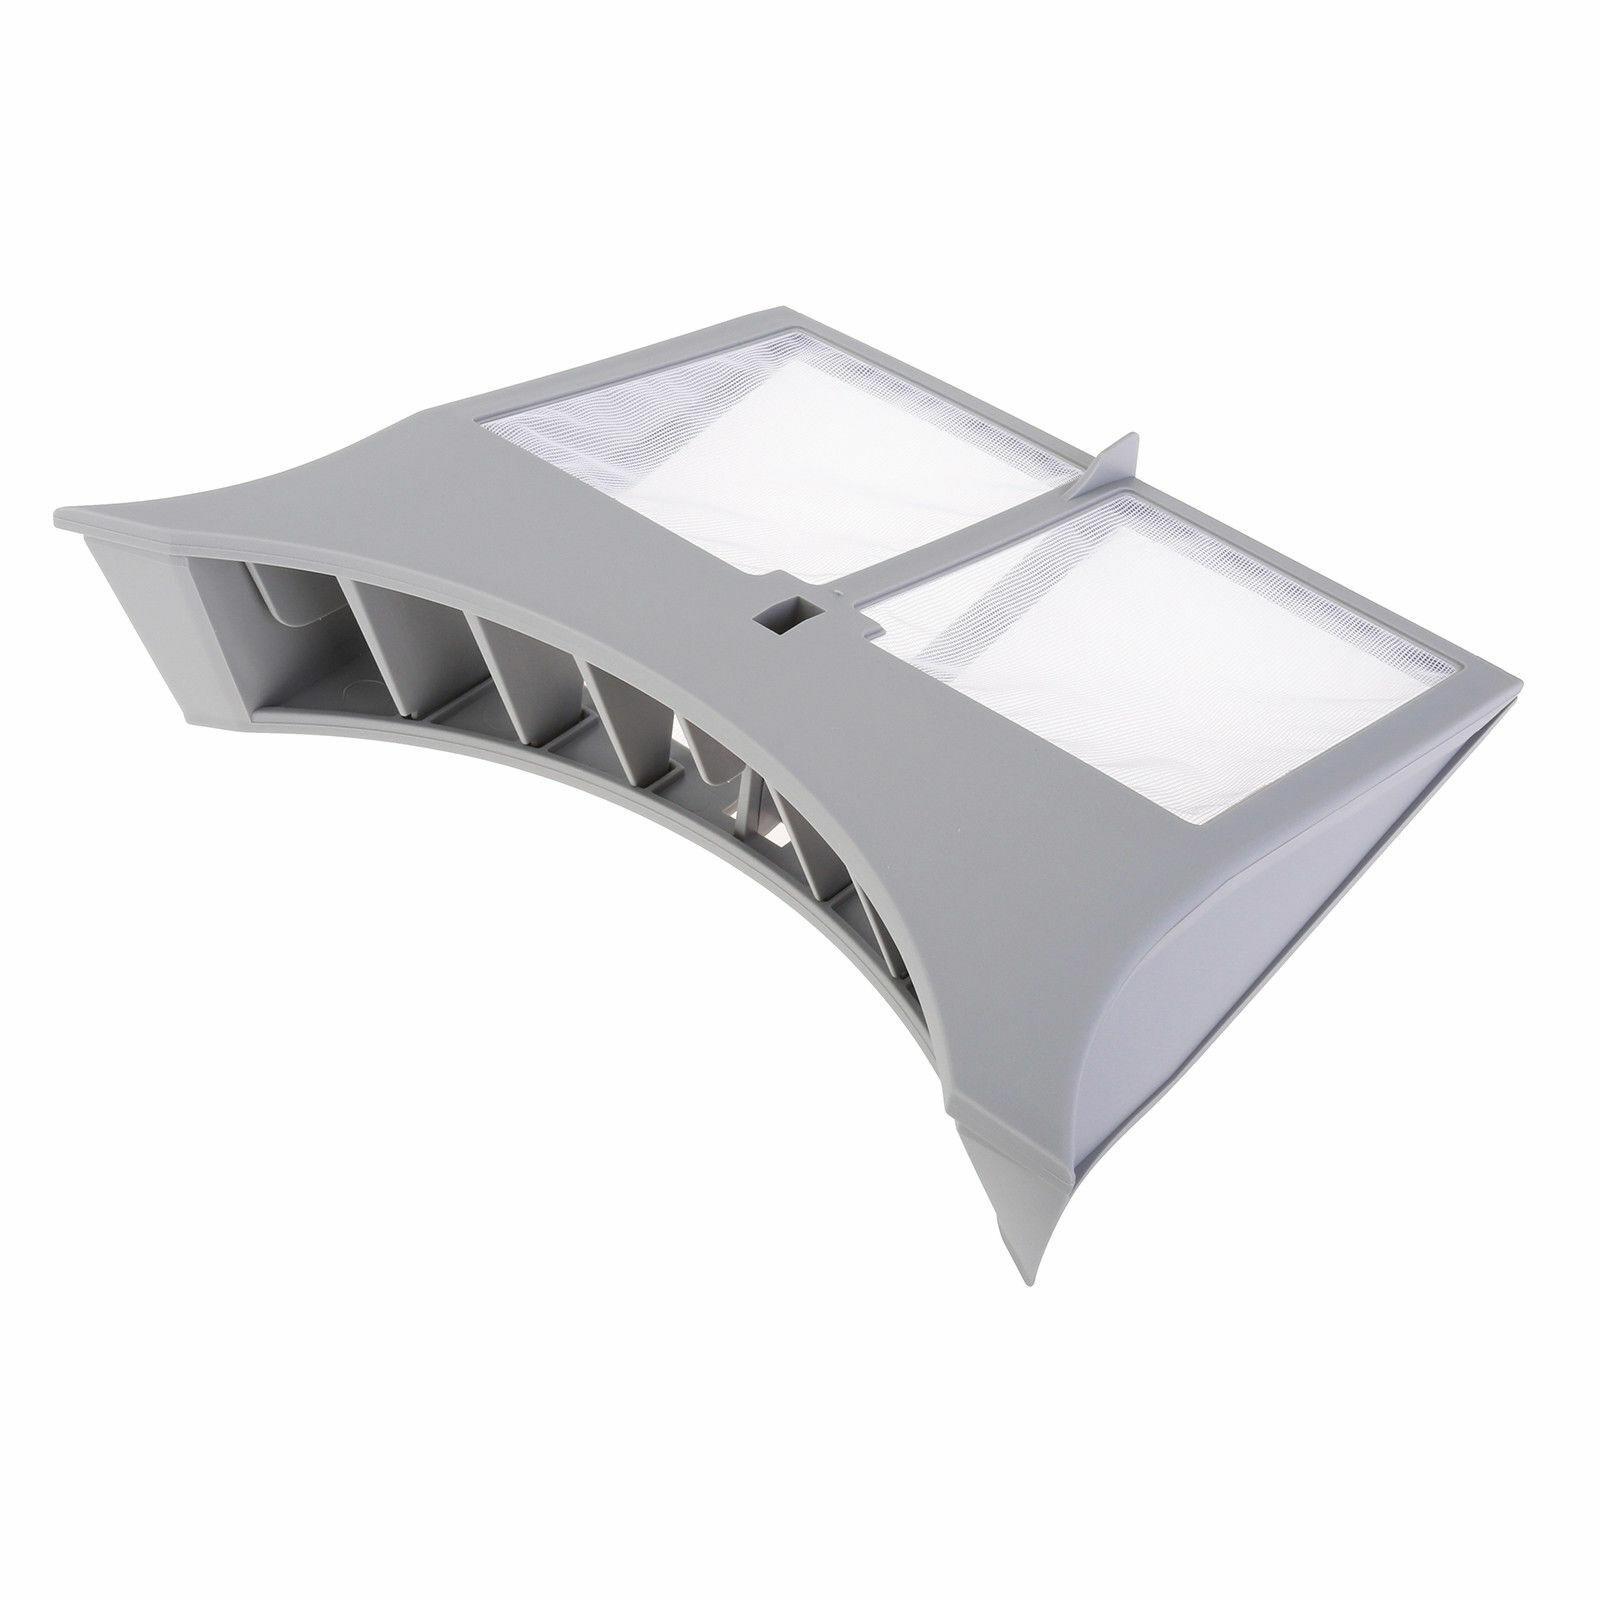 Taschensieb Filter Flusensieb für Siemens WT46E102 Staubflocken Fussel Filter